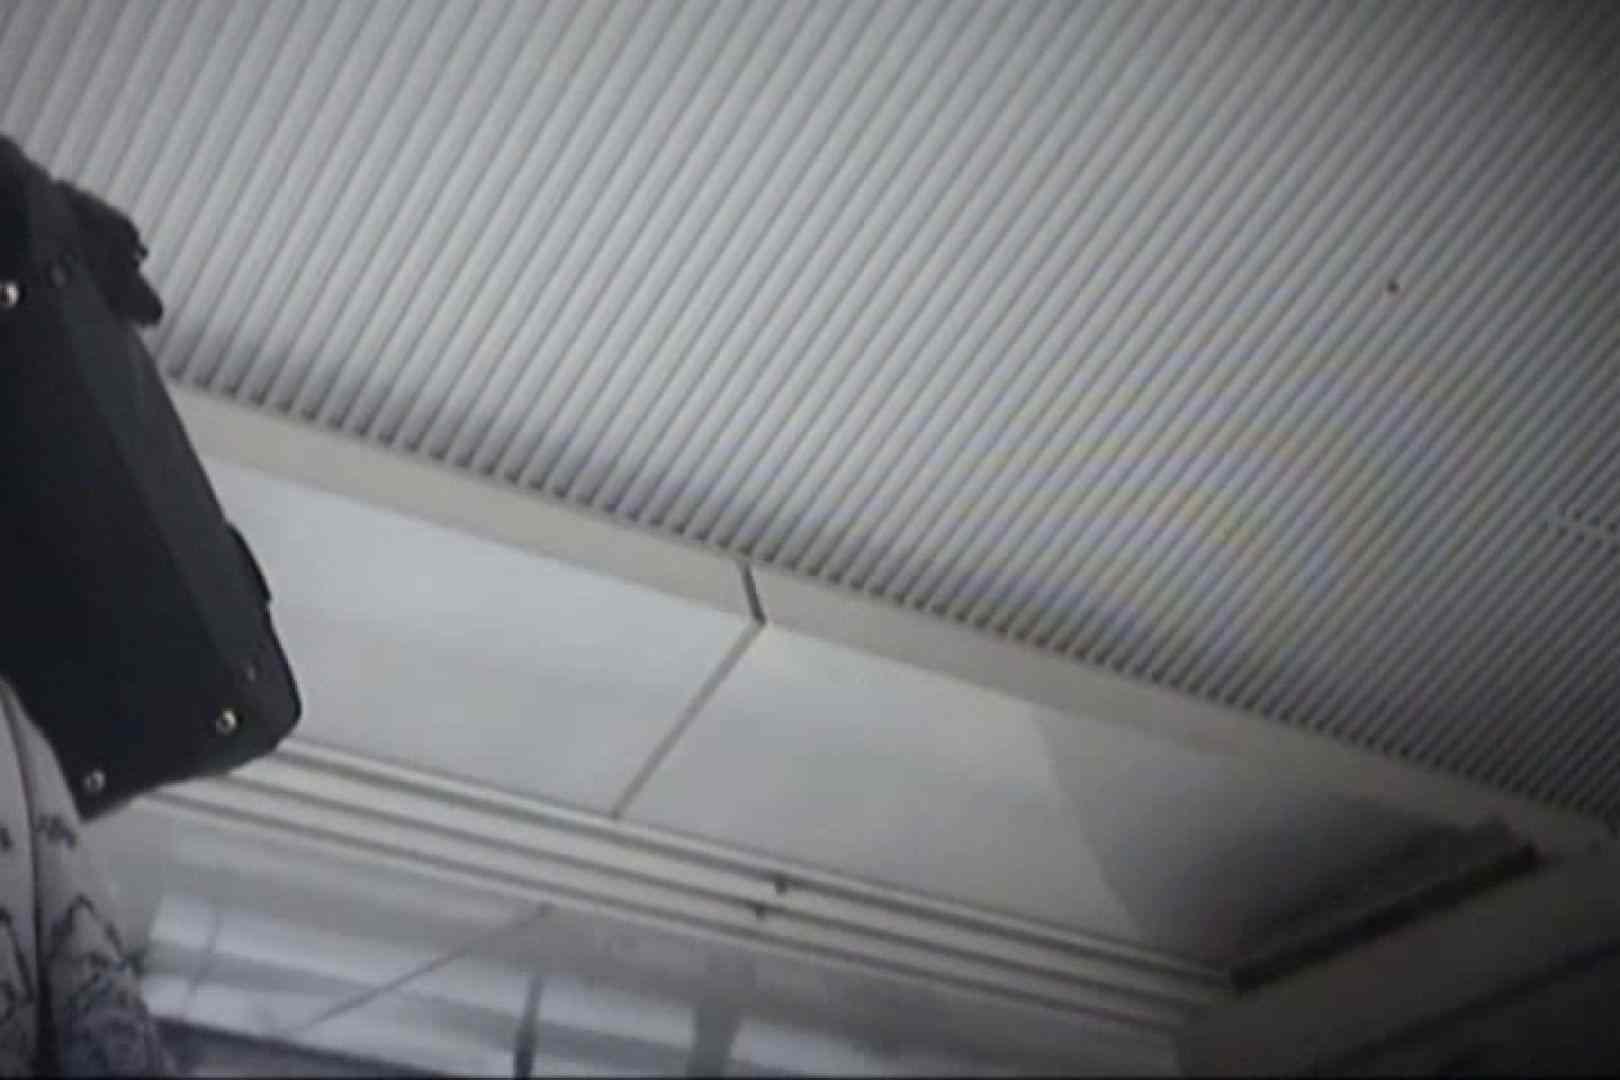 しんさんの逆さバイキングVol.37 車の中のカップル AV無料 57画像 11